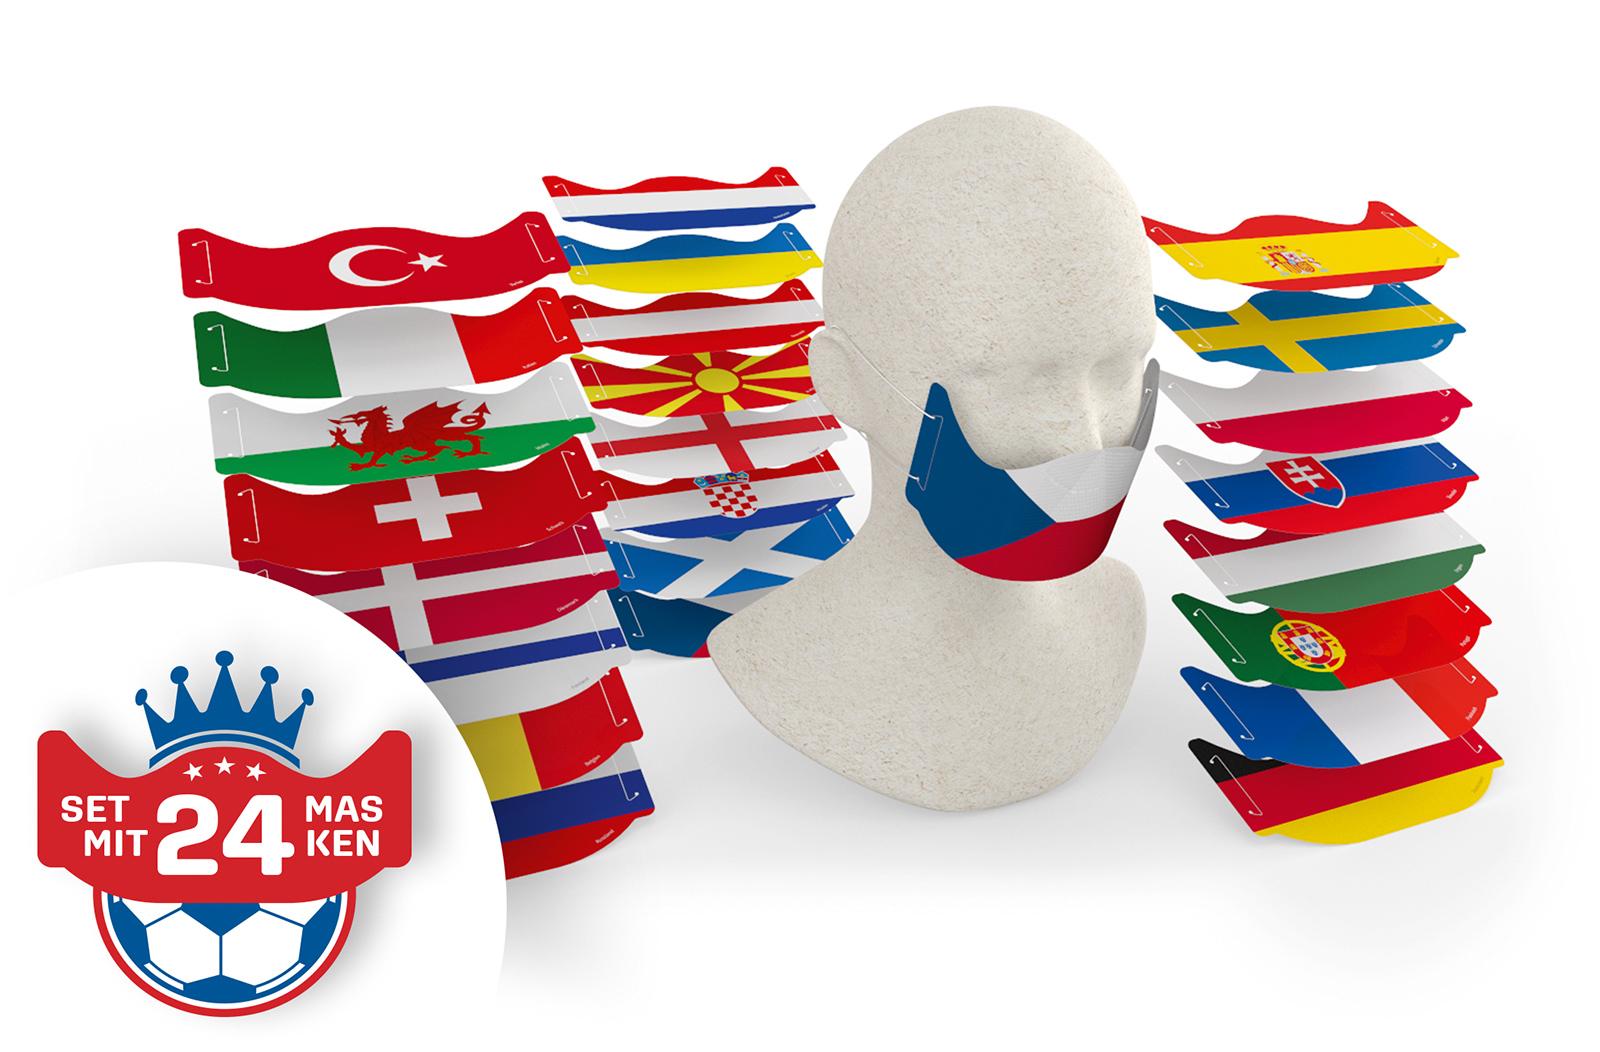 Mund-Nasenschutz-Schutzmaske-Mundschutz-Covid19-Corona-Fussball-Spielplan-EM-2021